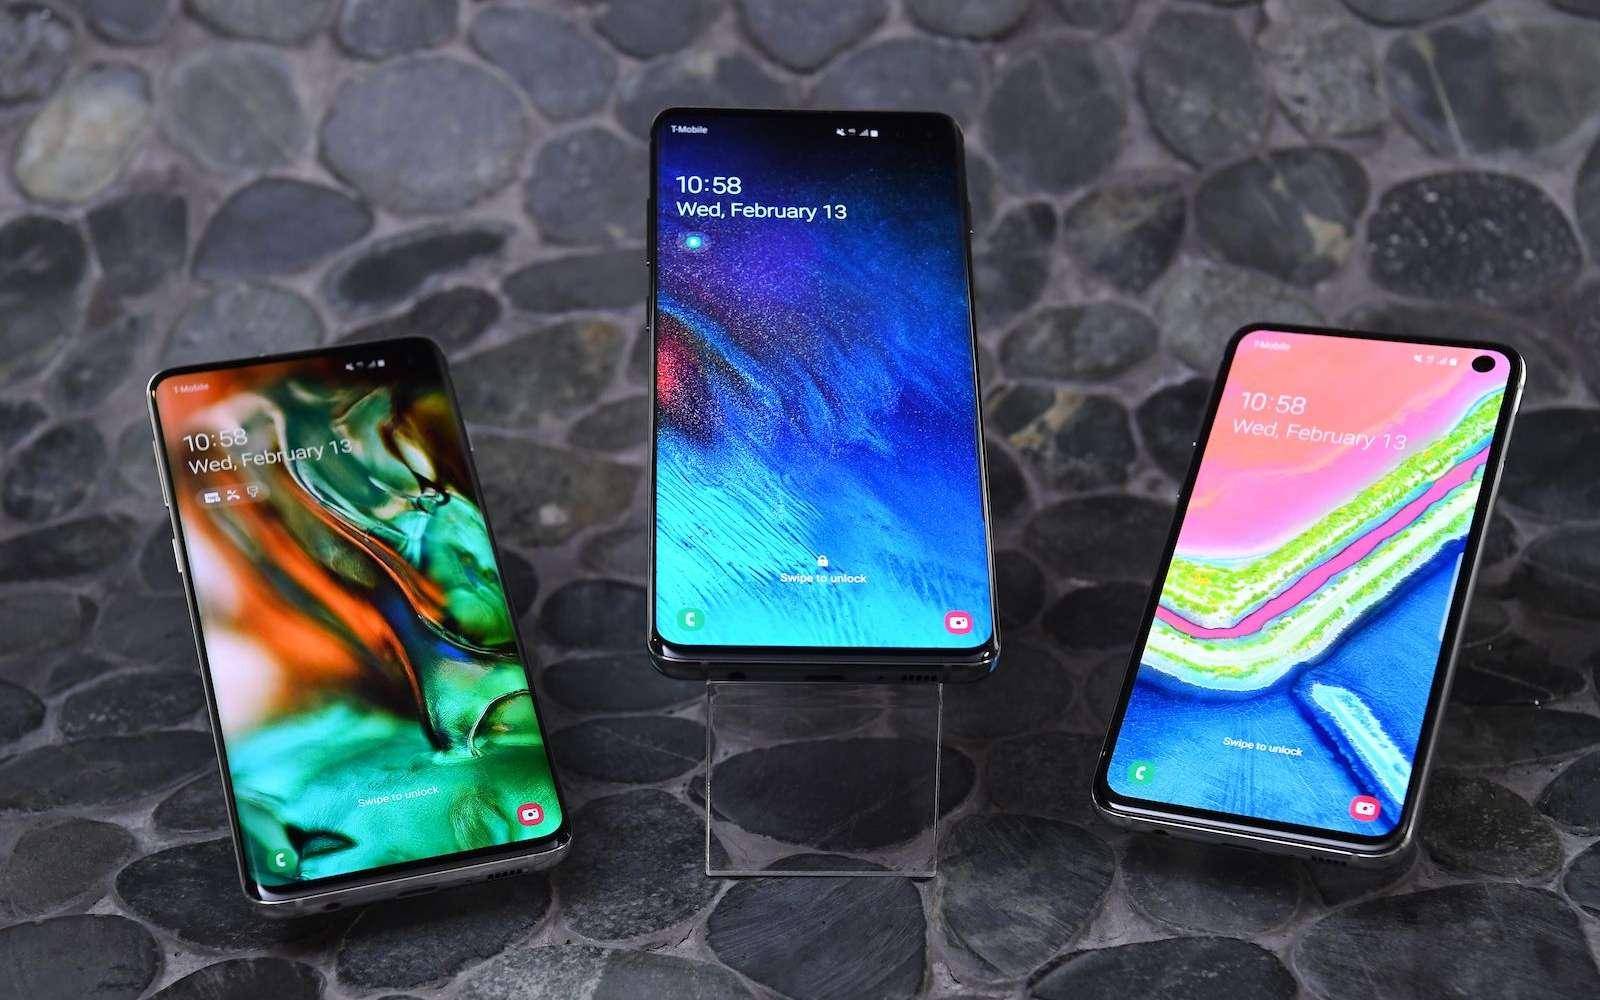 La gamme Galaxy S10 se décline en trois modèles avec un trou dans l'écran, plutôt qu'une encoche pour une surface d'affichage optimisée. © Samsung